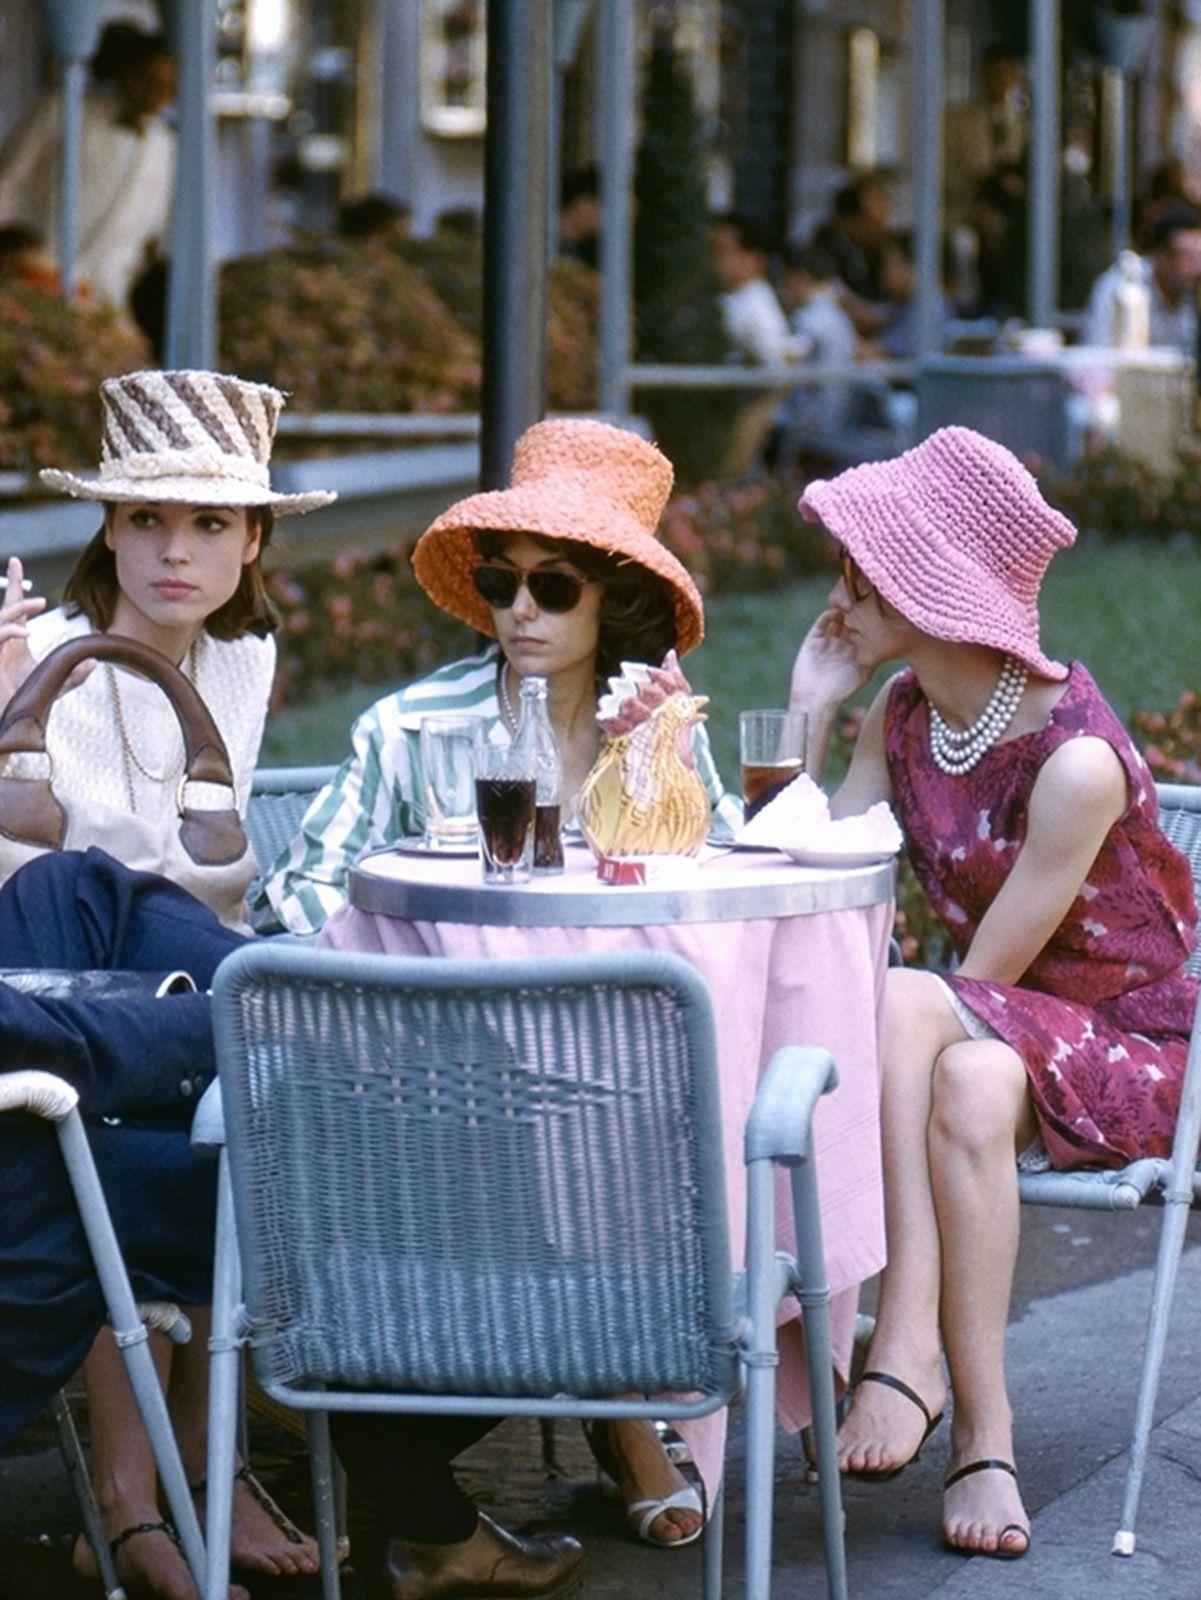 """"""" Des scènes de la vie quotidienne trois femmes portant des chapeaux de paille colorés attablées á la terrase d'un café, Rome"""", 1960 - Courtesy Studio Willy Rizzo"""